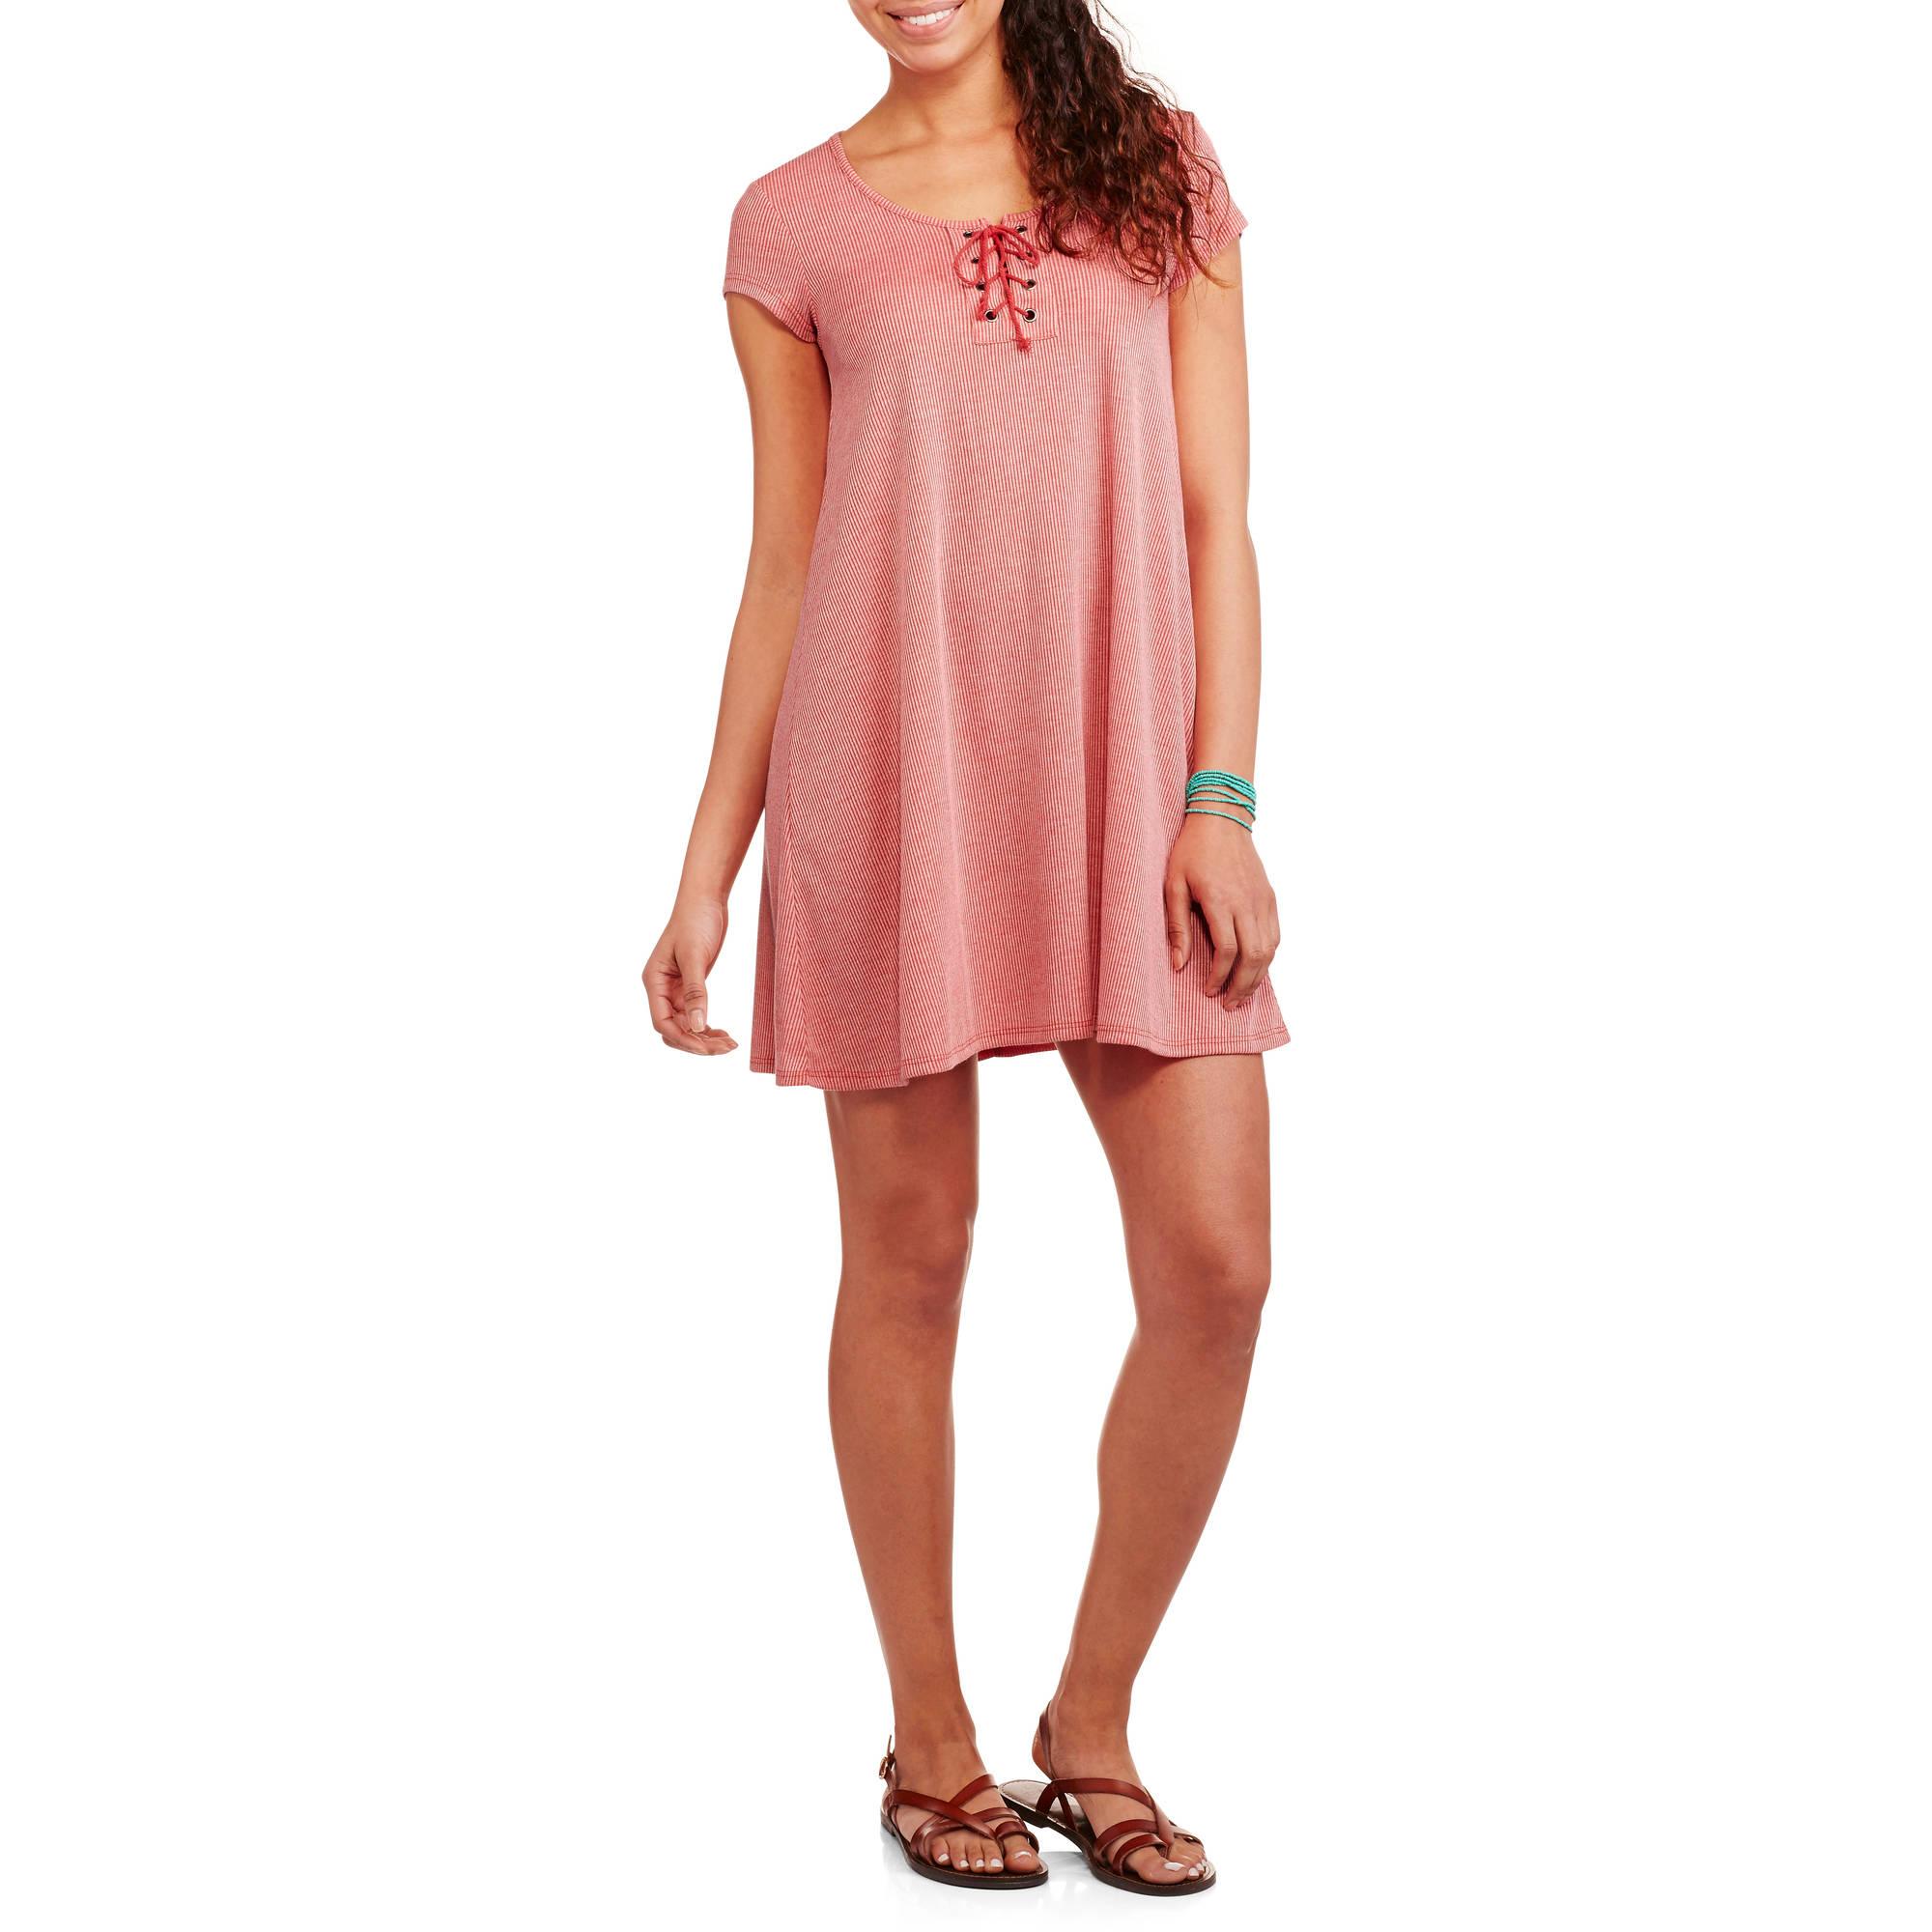 Derek Heart Juniors' Rib Lace-Up T-Shirt Dress